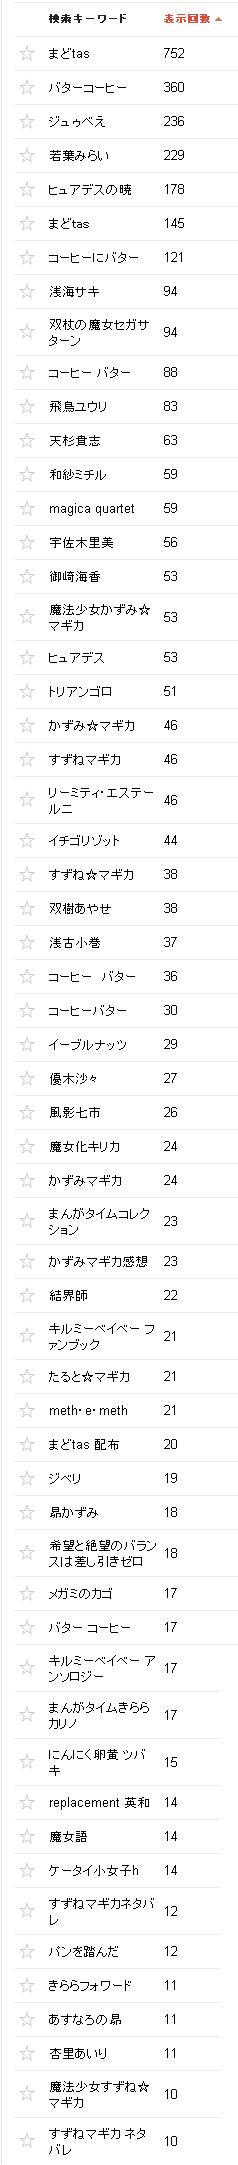 2014/11/02の検索クエリ一覧(ウェブマスターツール)の上位